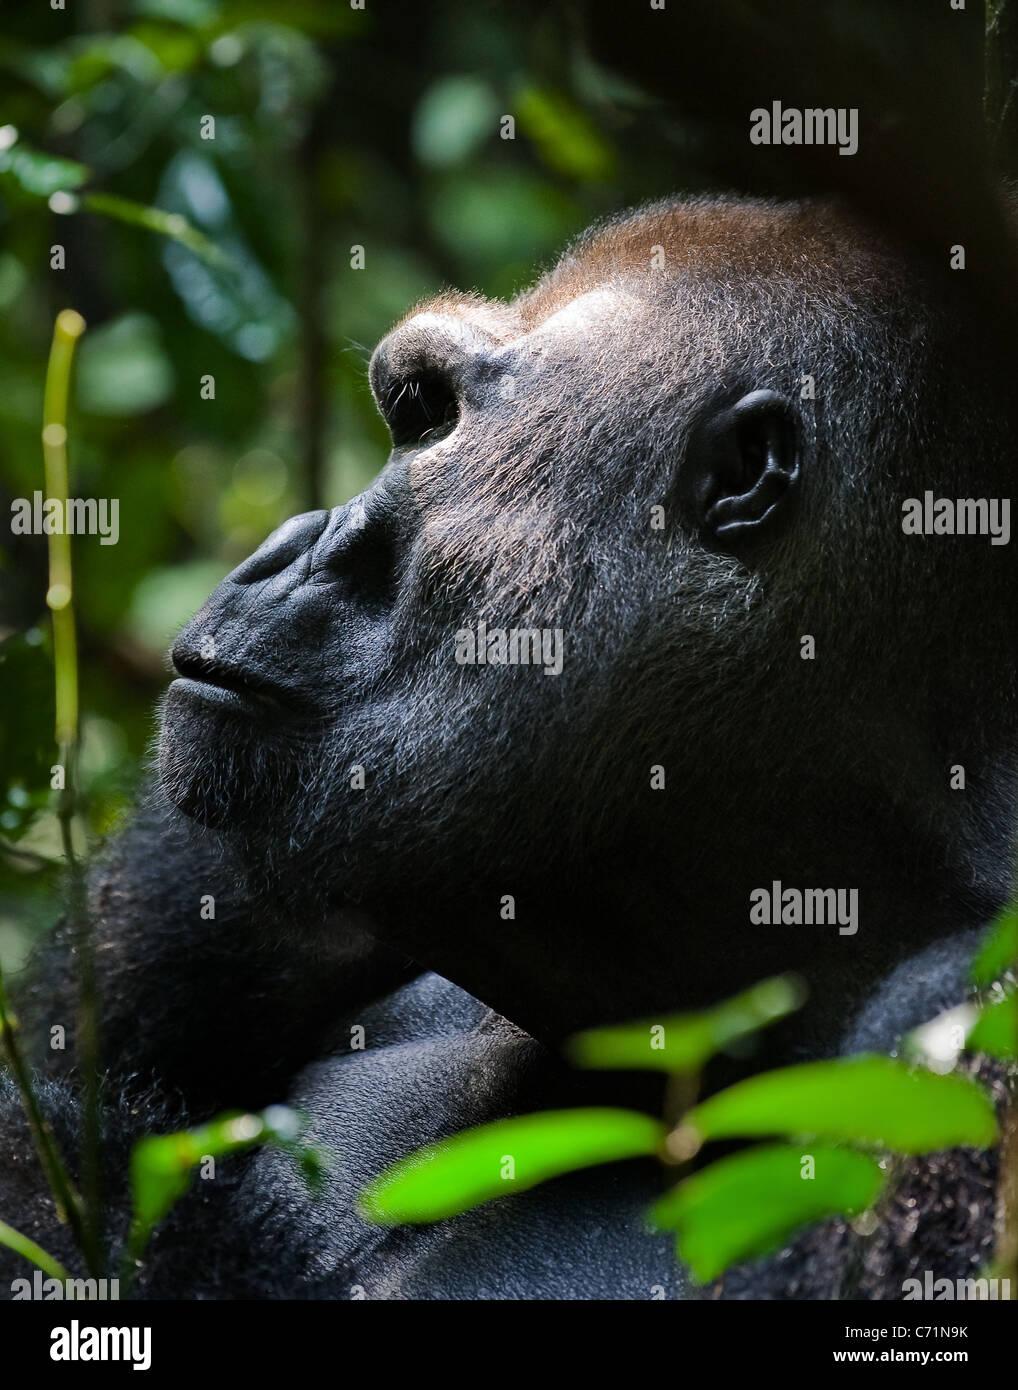 Führer-Silverback Gorilla - Männchen eines Gorillas. Westlicher Flachlandgorilla. Stockbild